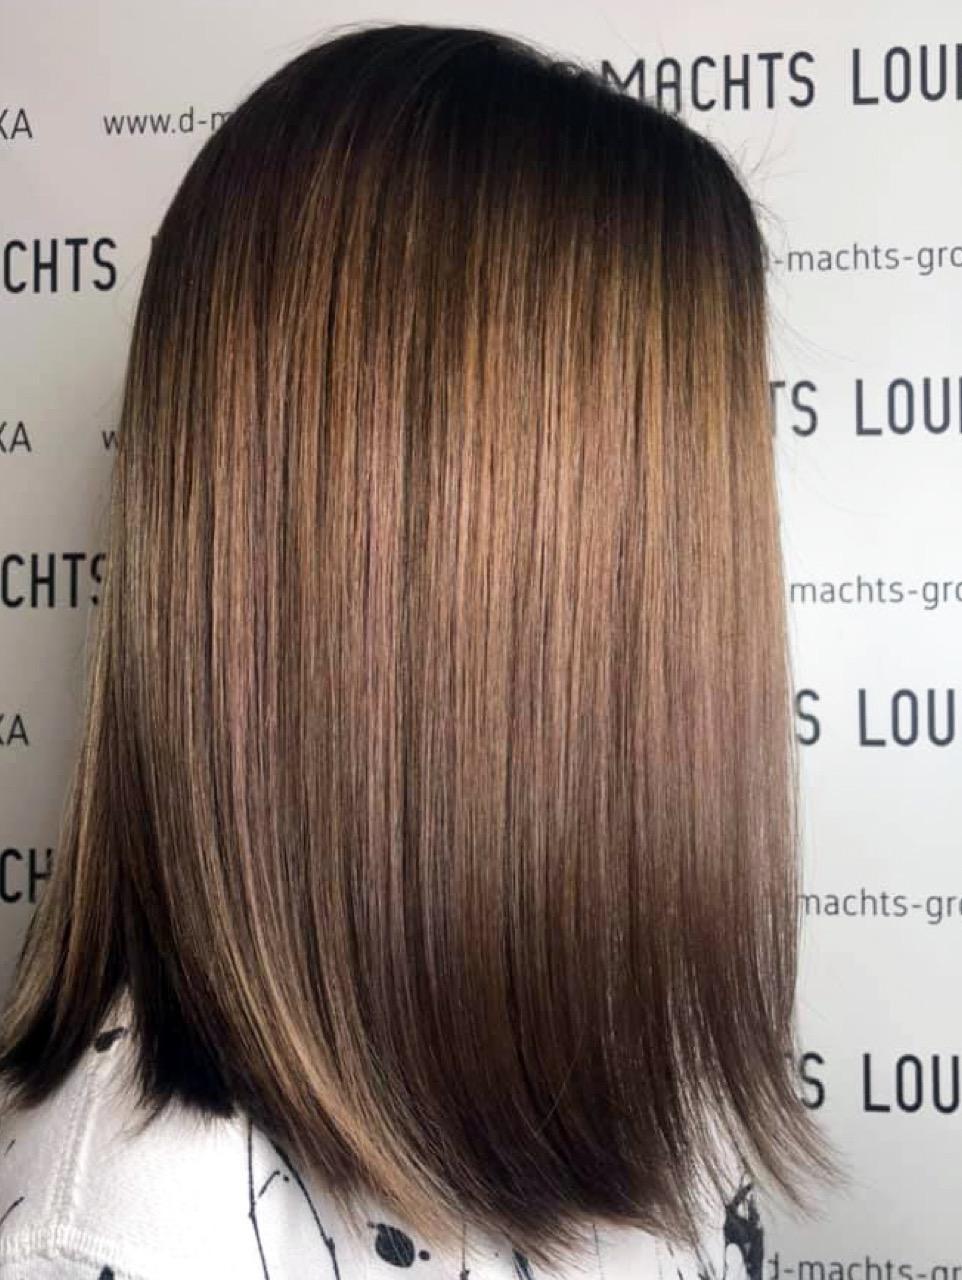 Braun schulterlange haare guartyportio: Blond